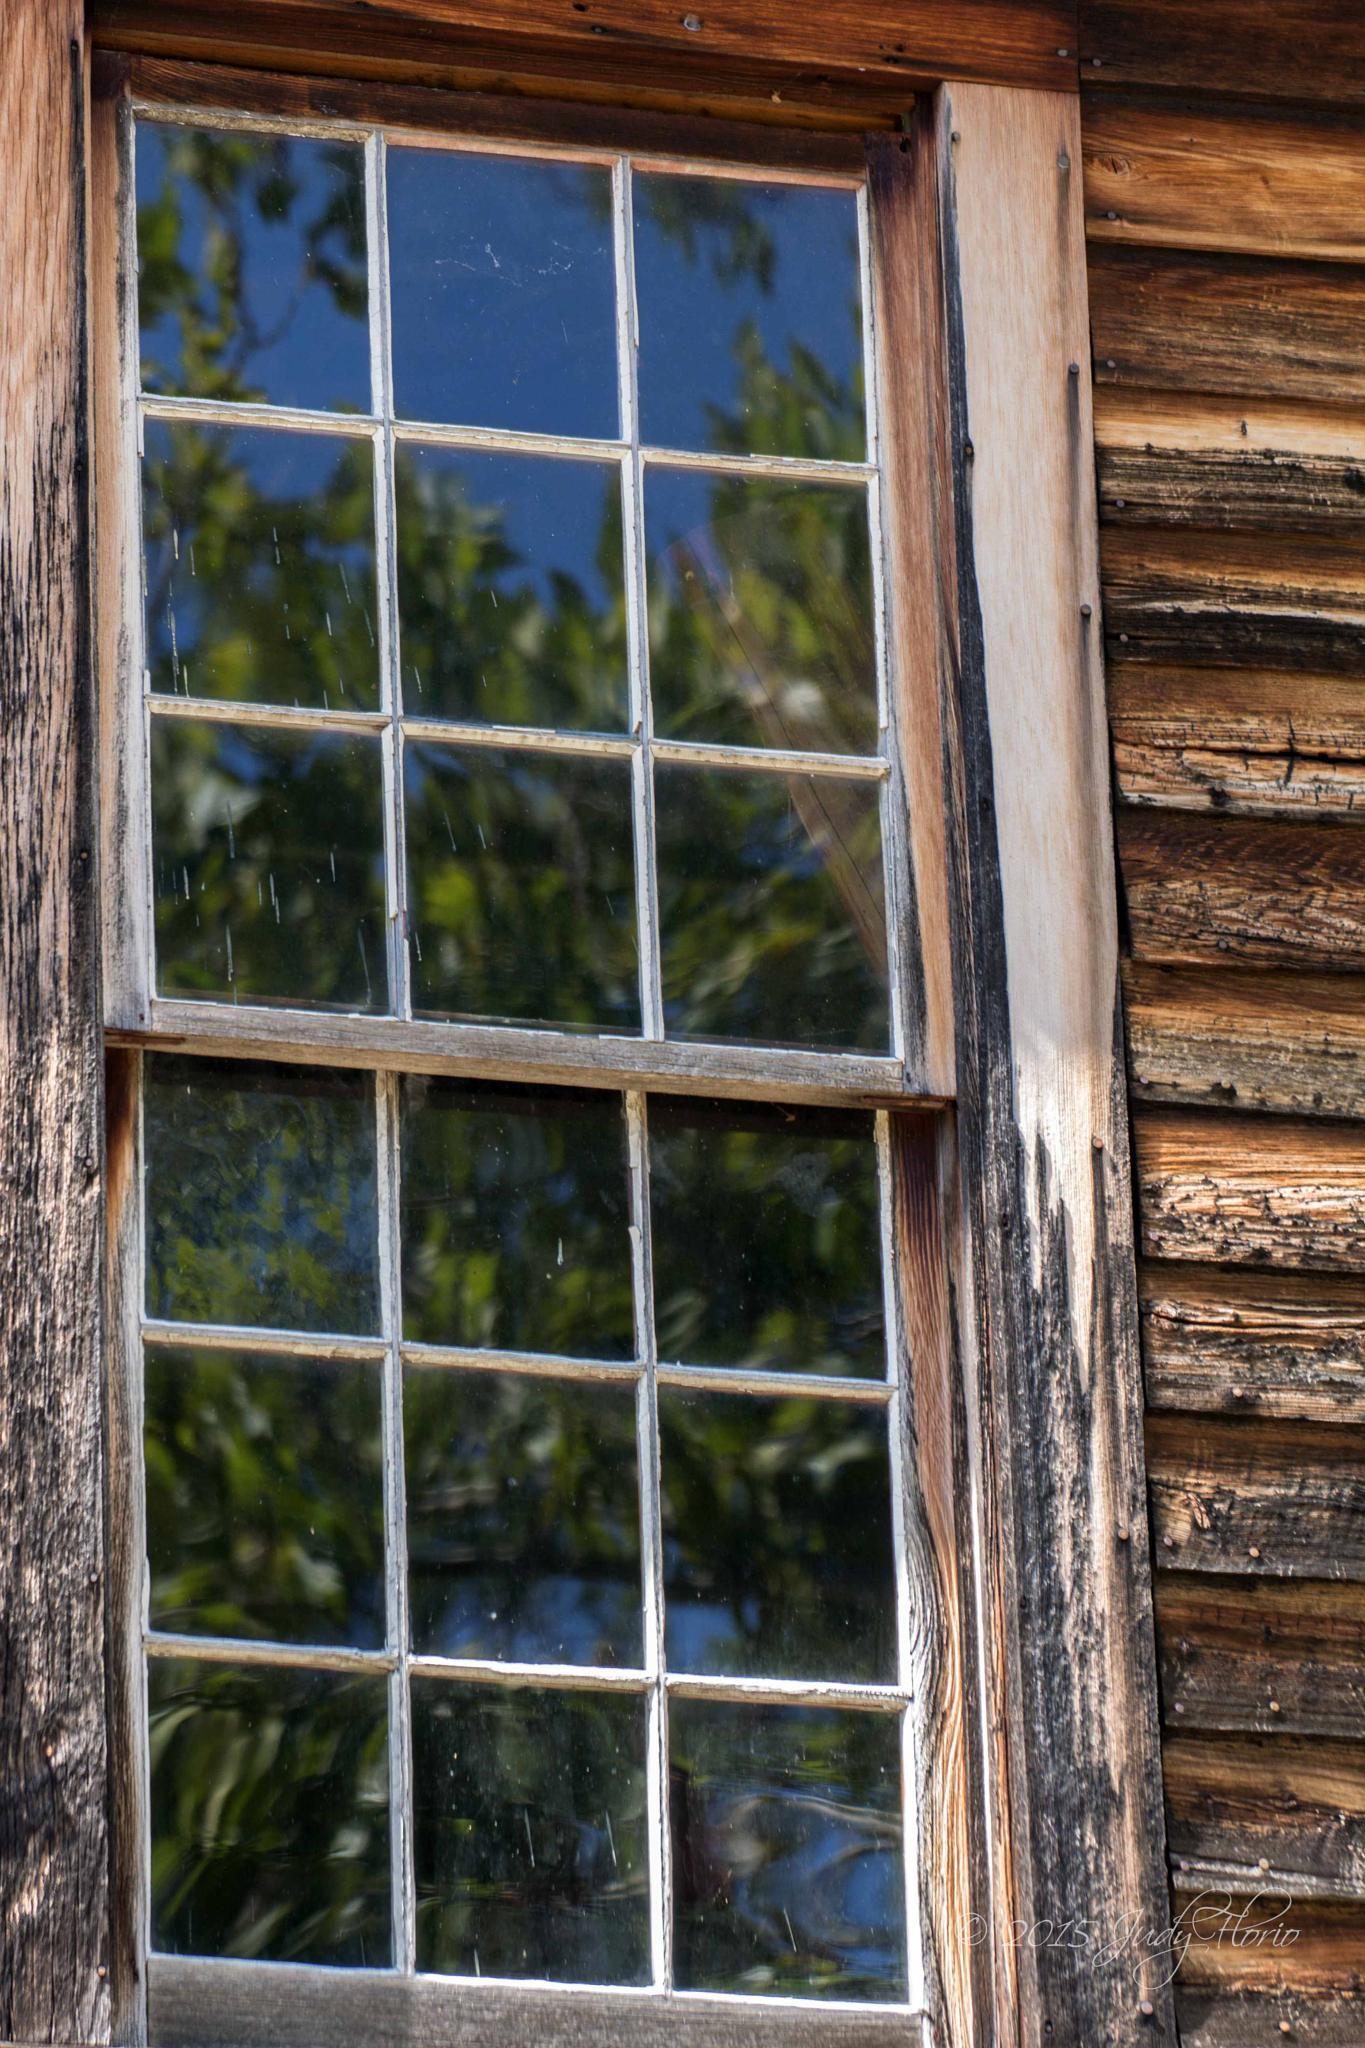 Batsto Village Sawmill Window by Judy Florio